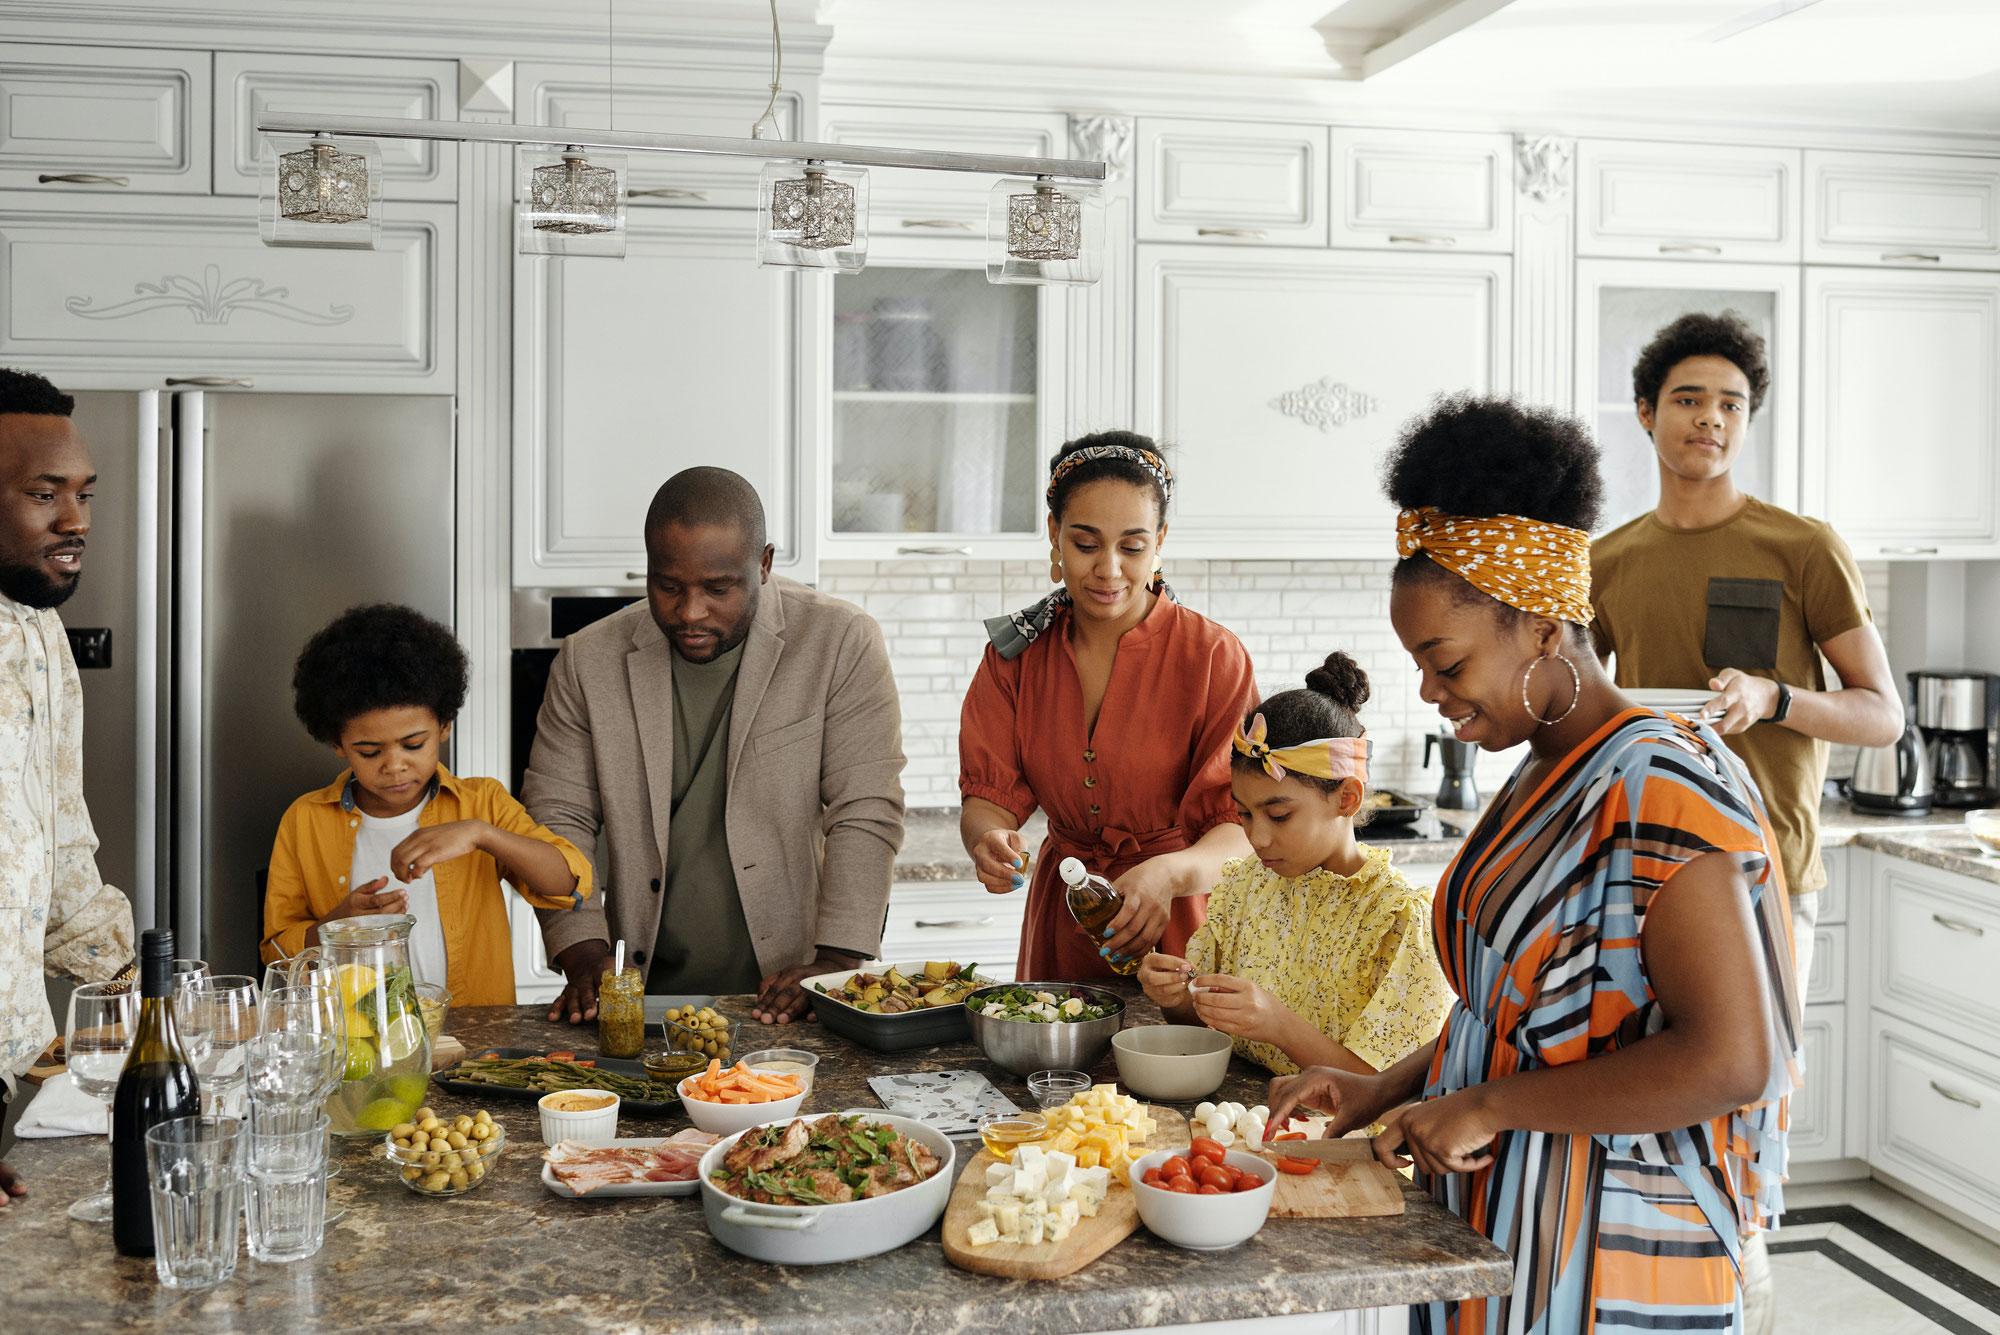 Famille recomposée : comment faire pour que les choses se passent bien ?